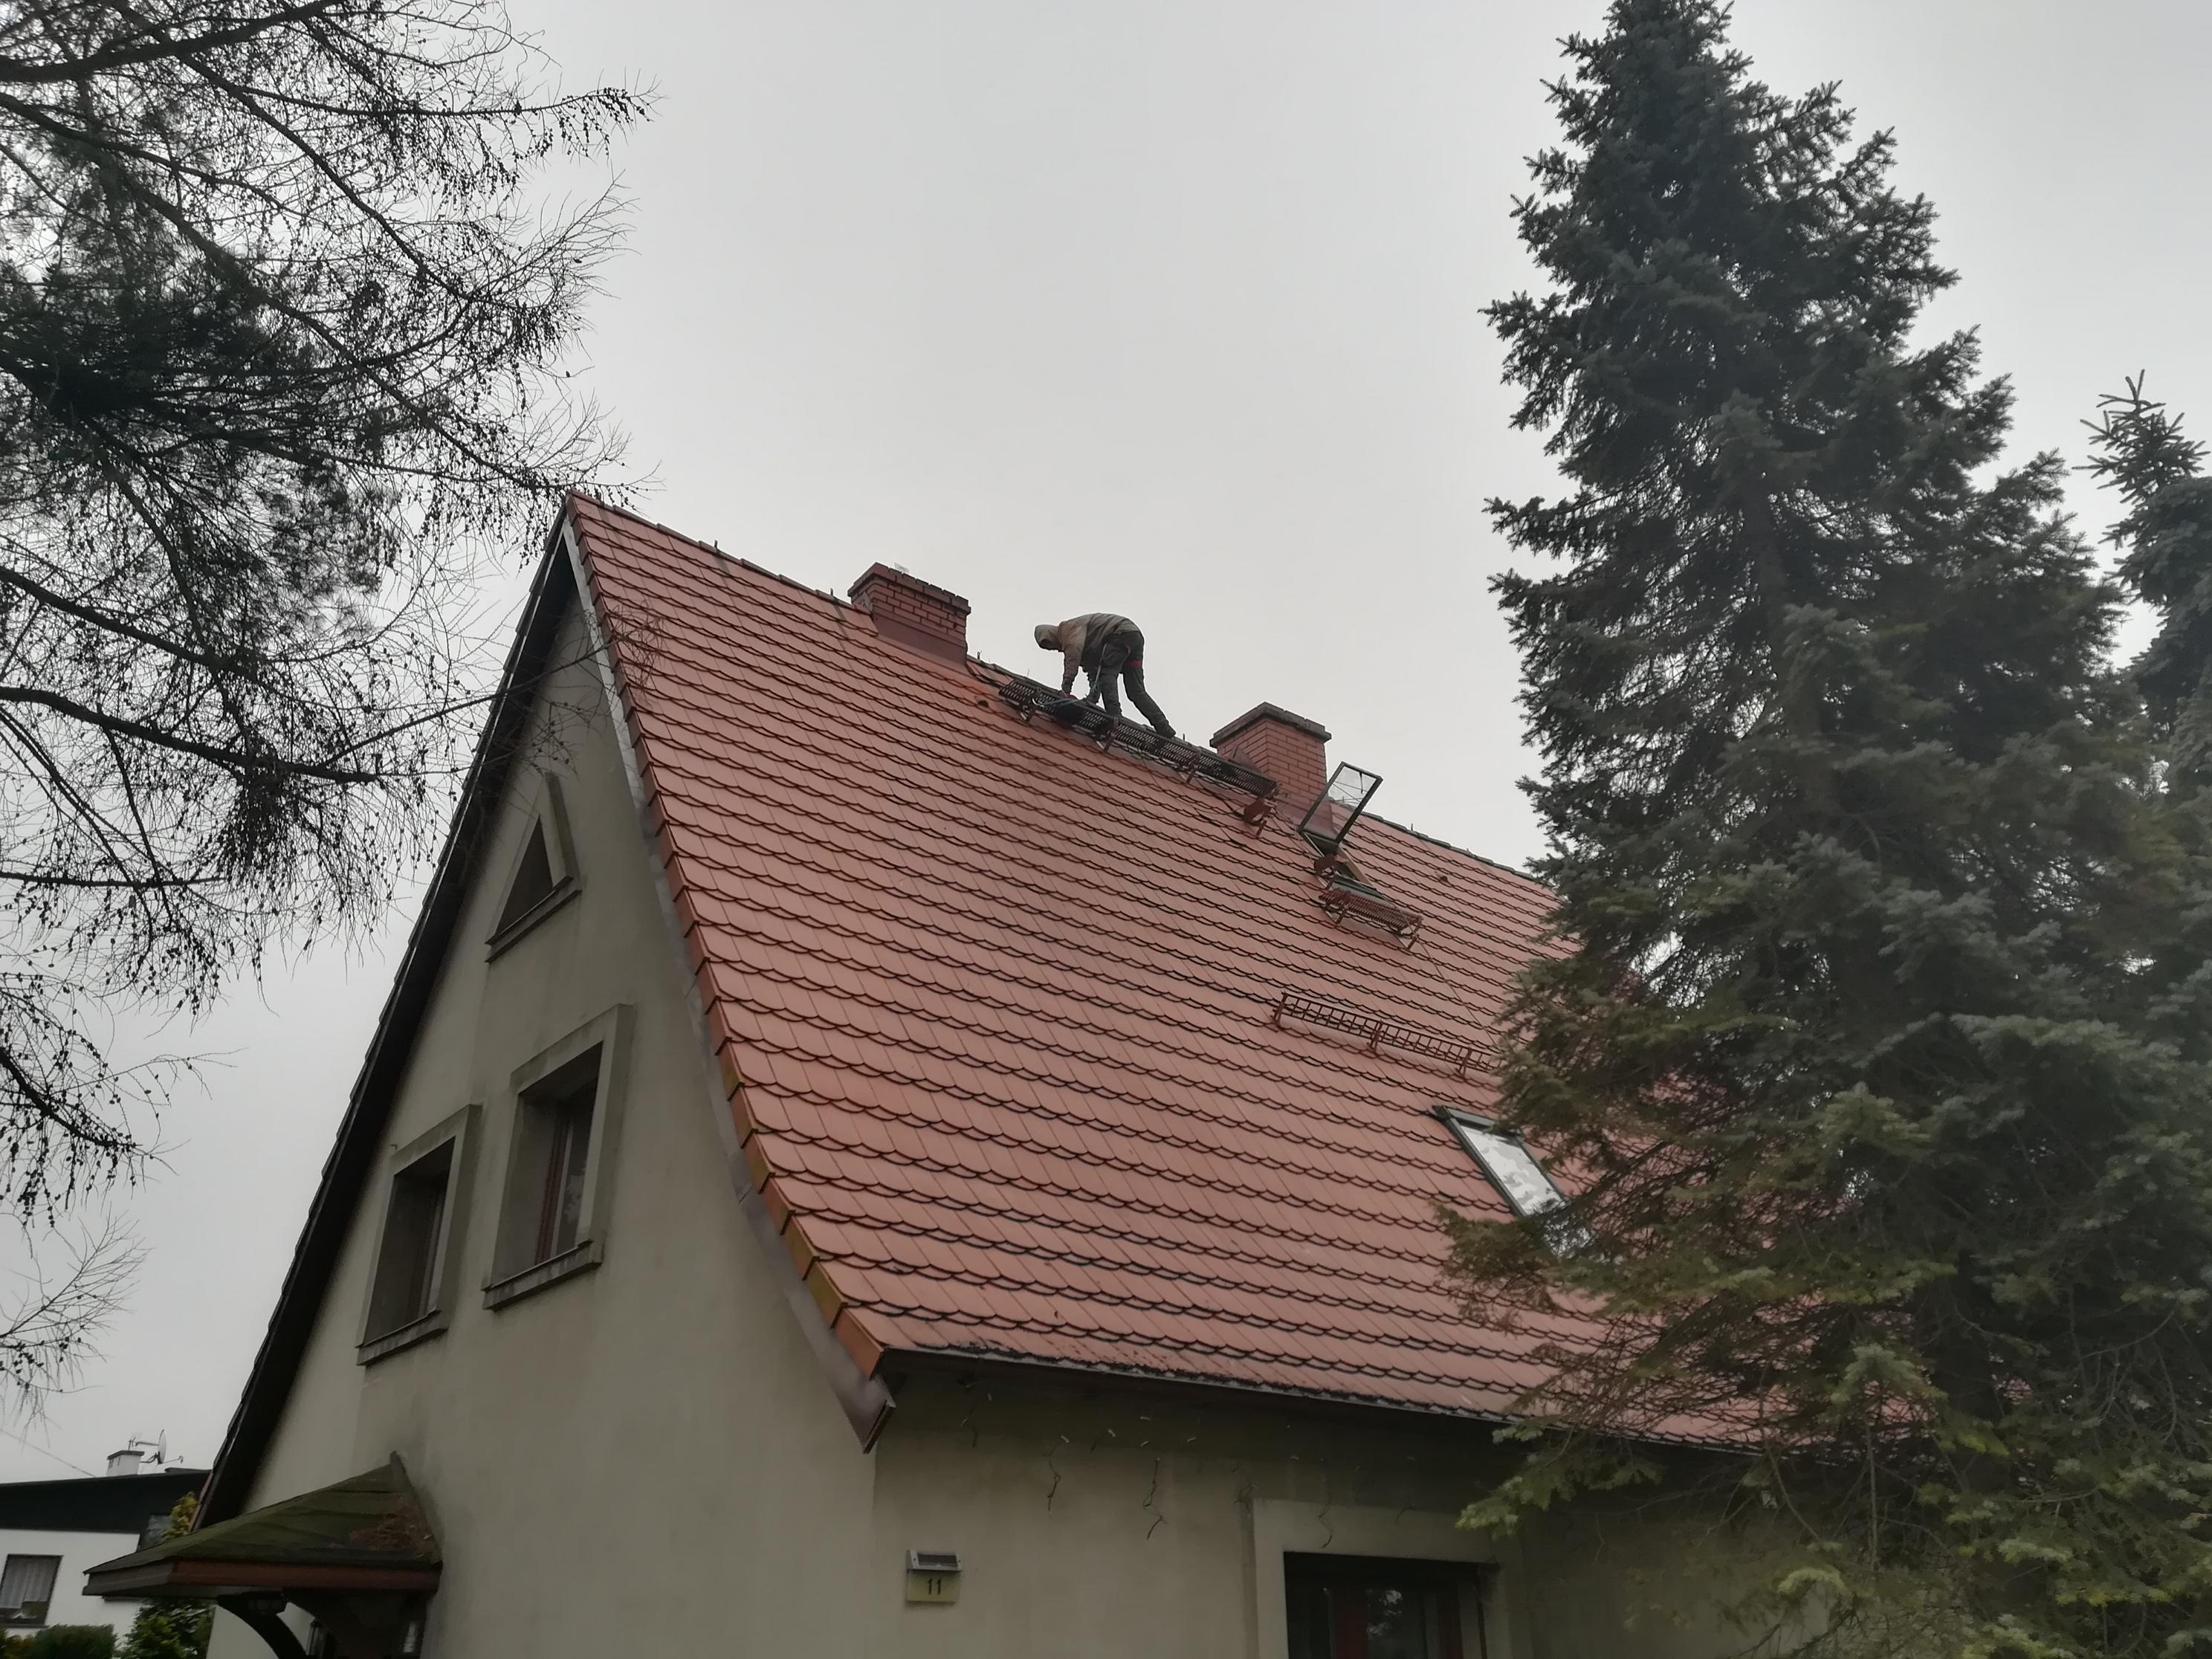 Montaż anteny na opaskach kominowych